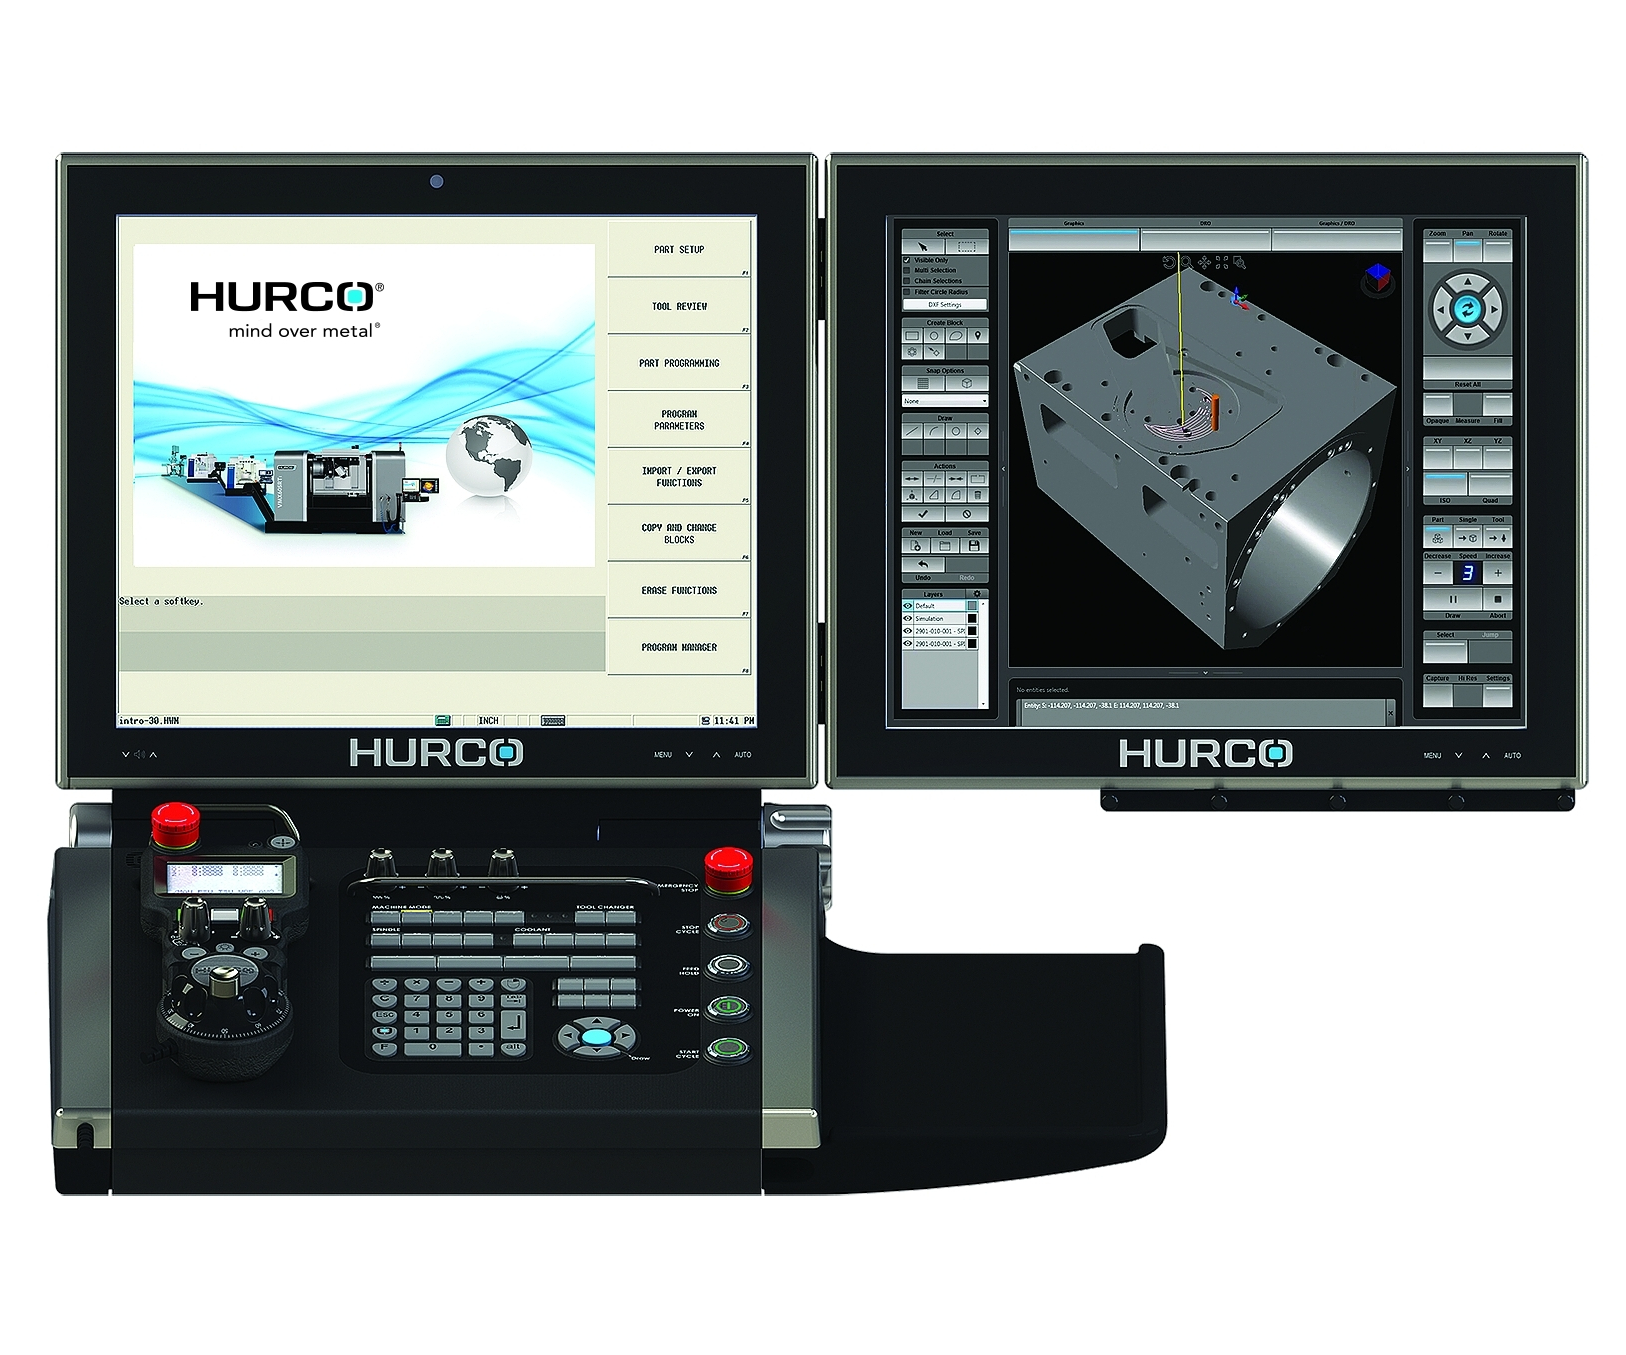 Hurco Max5 control